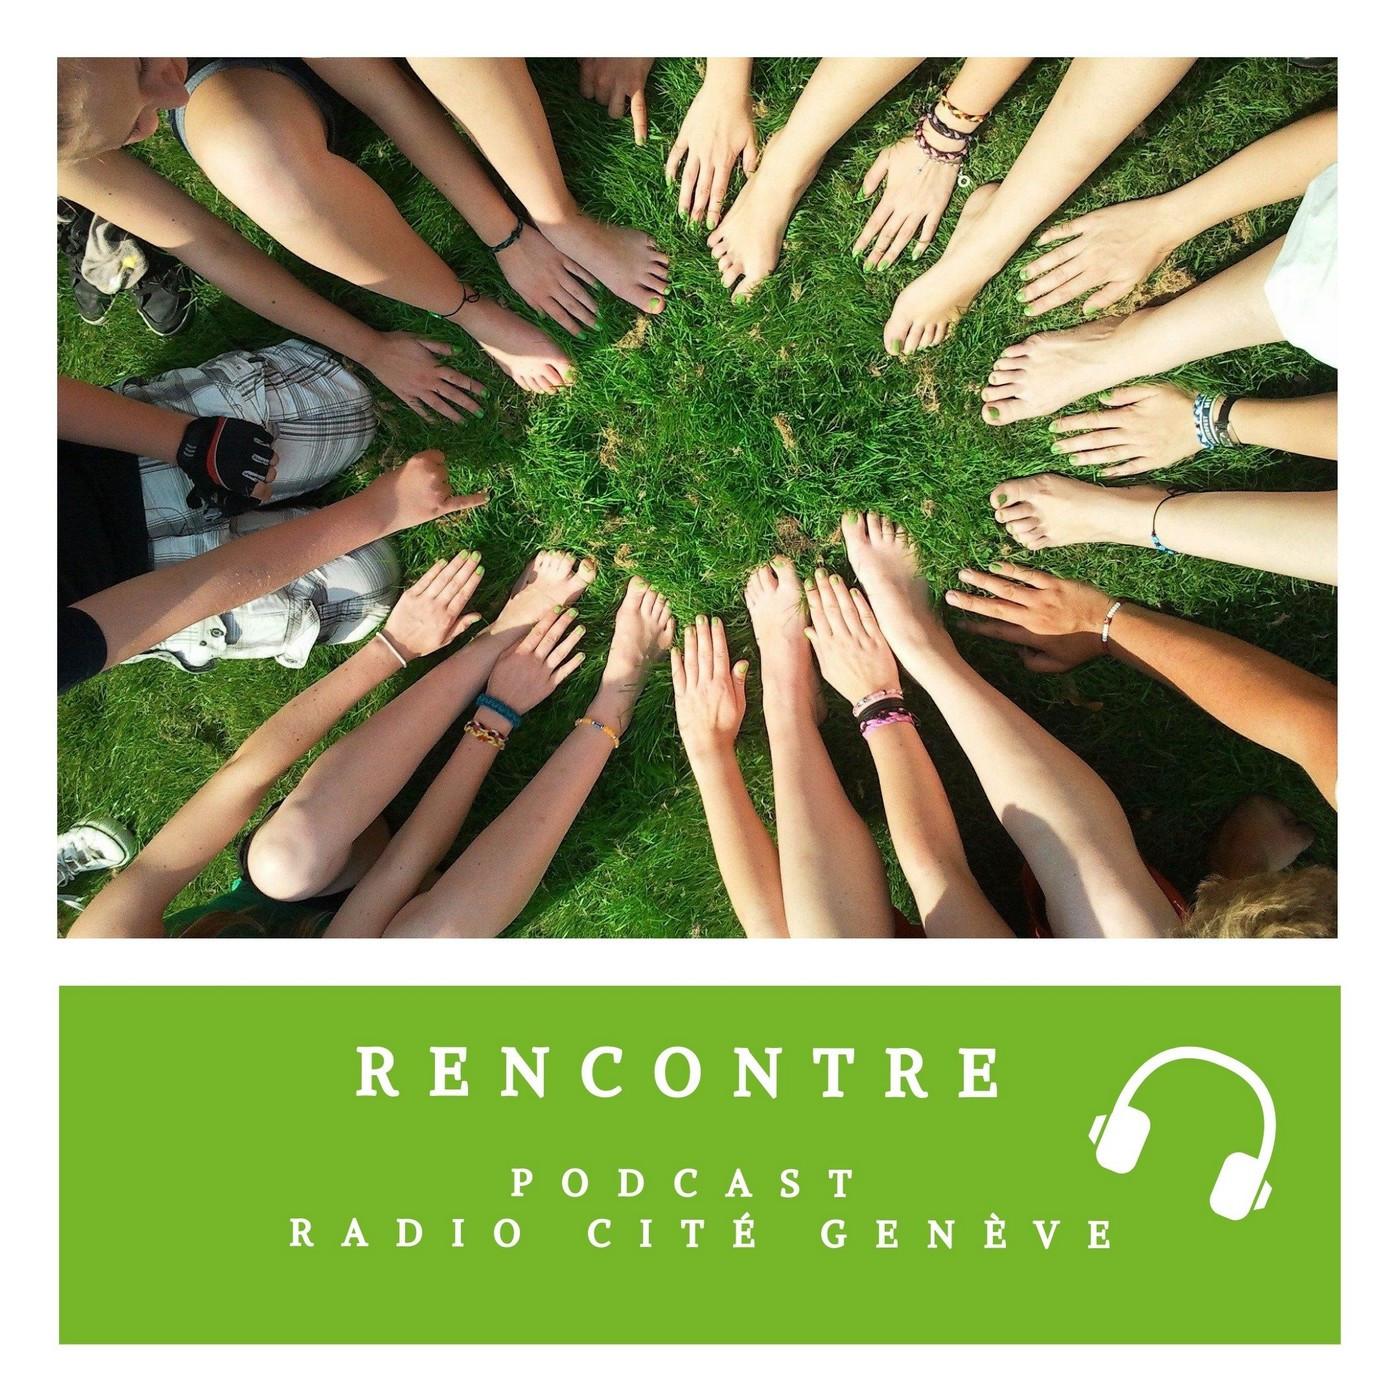 Rencontre du 18/01/21 - Jean Marc et Nathalie Waridel - The drop